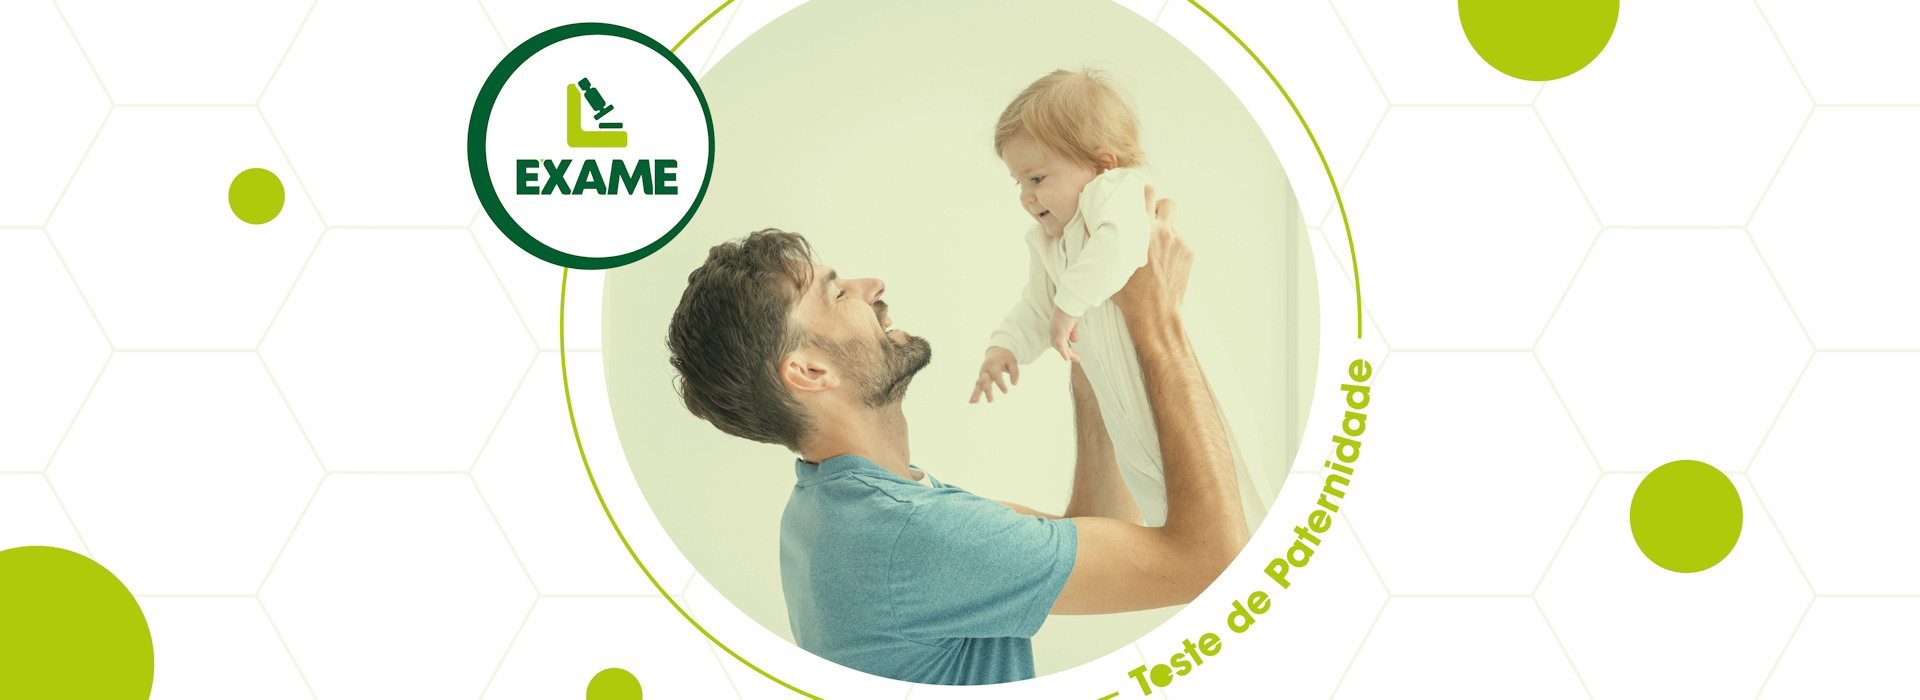 11-002604-003 Teste de paternidade - banner